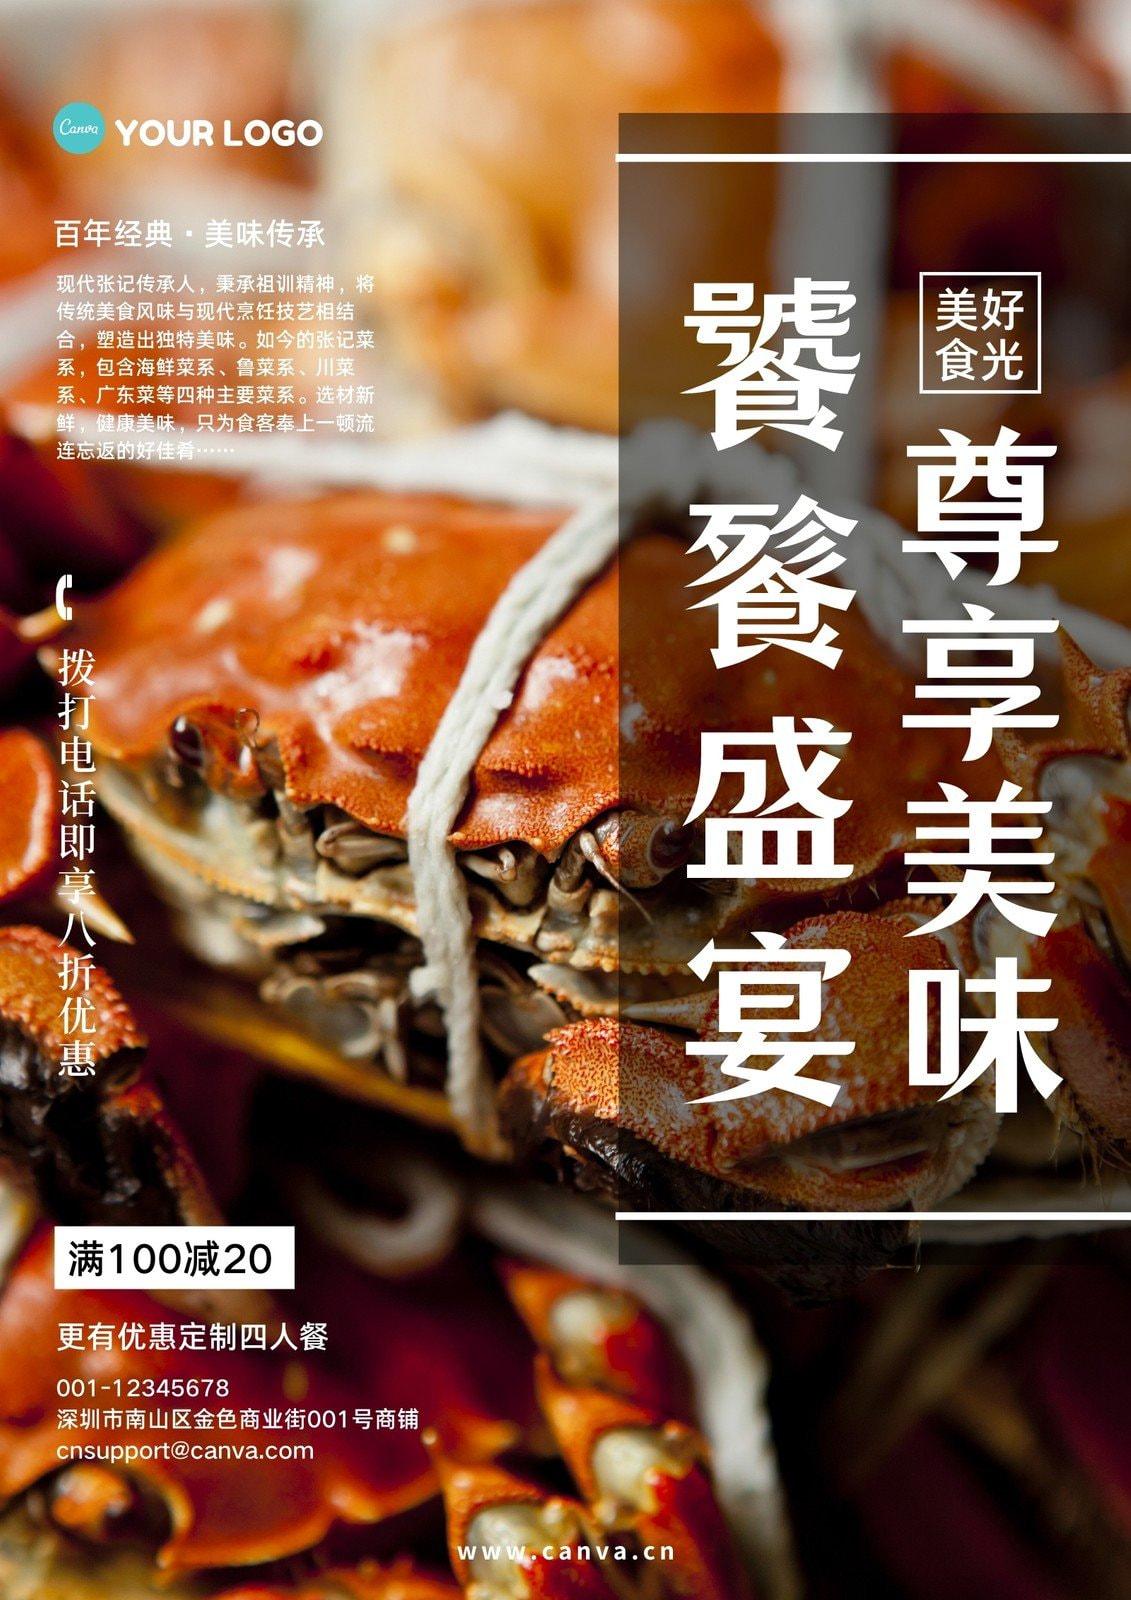 黄棕色木桌案板食材餐厅促销海报